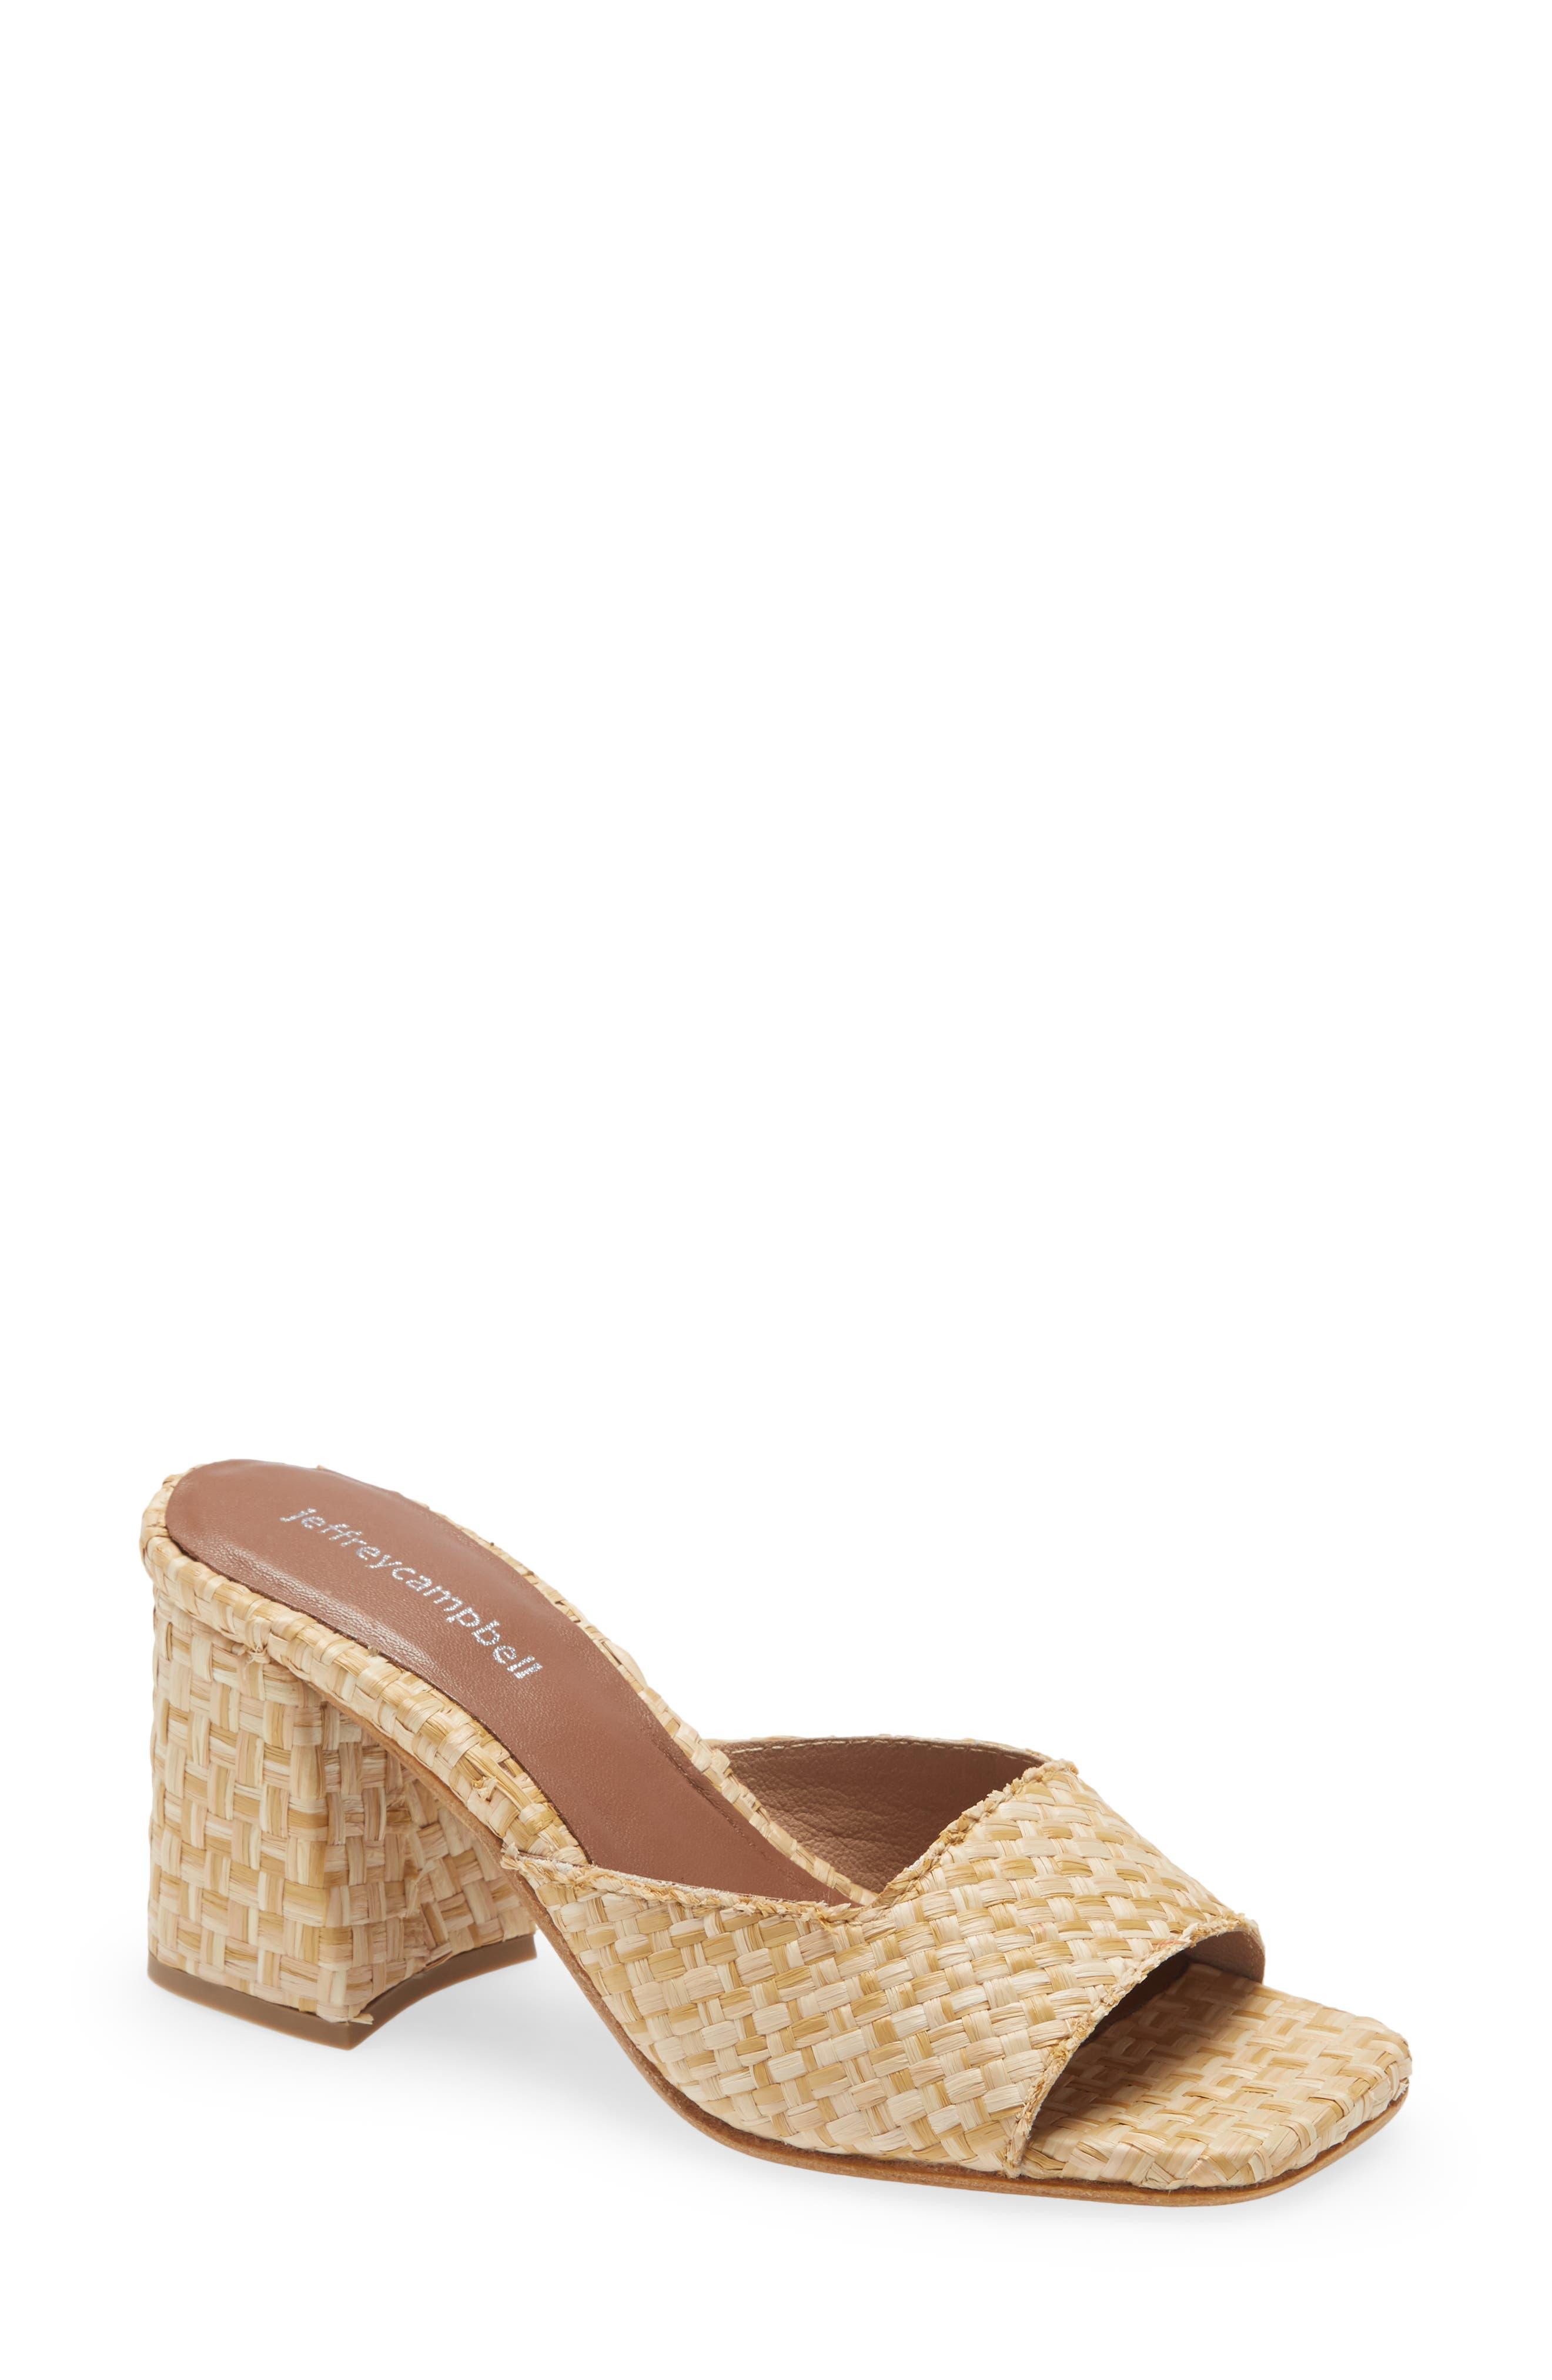 Melange Woven Slide Sandal